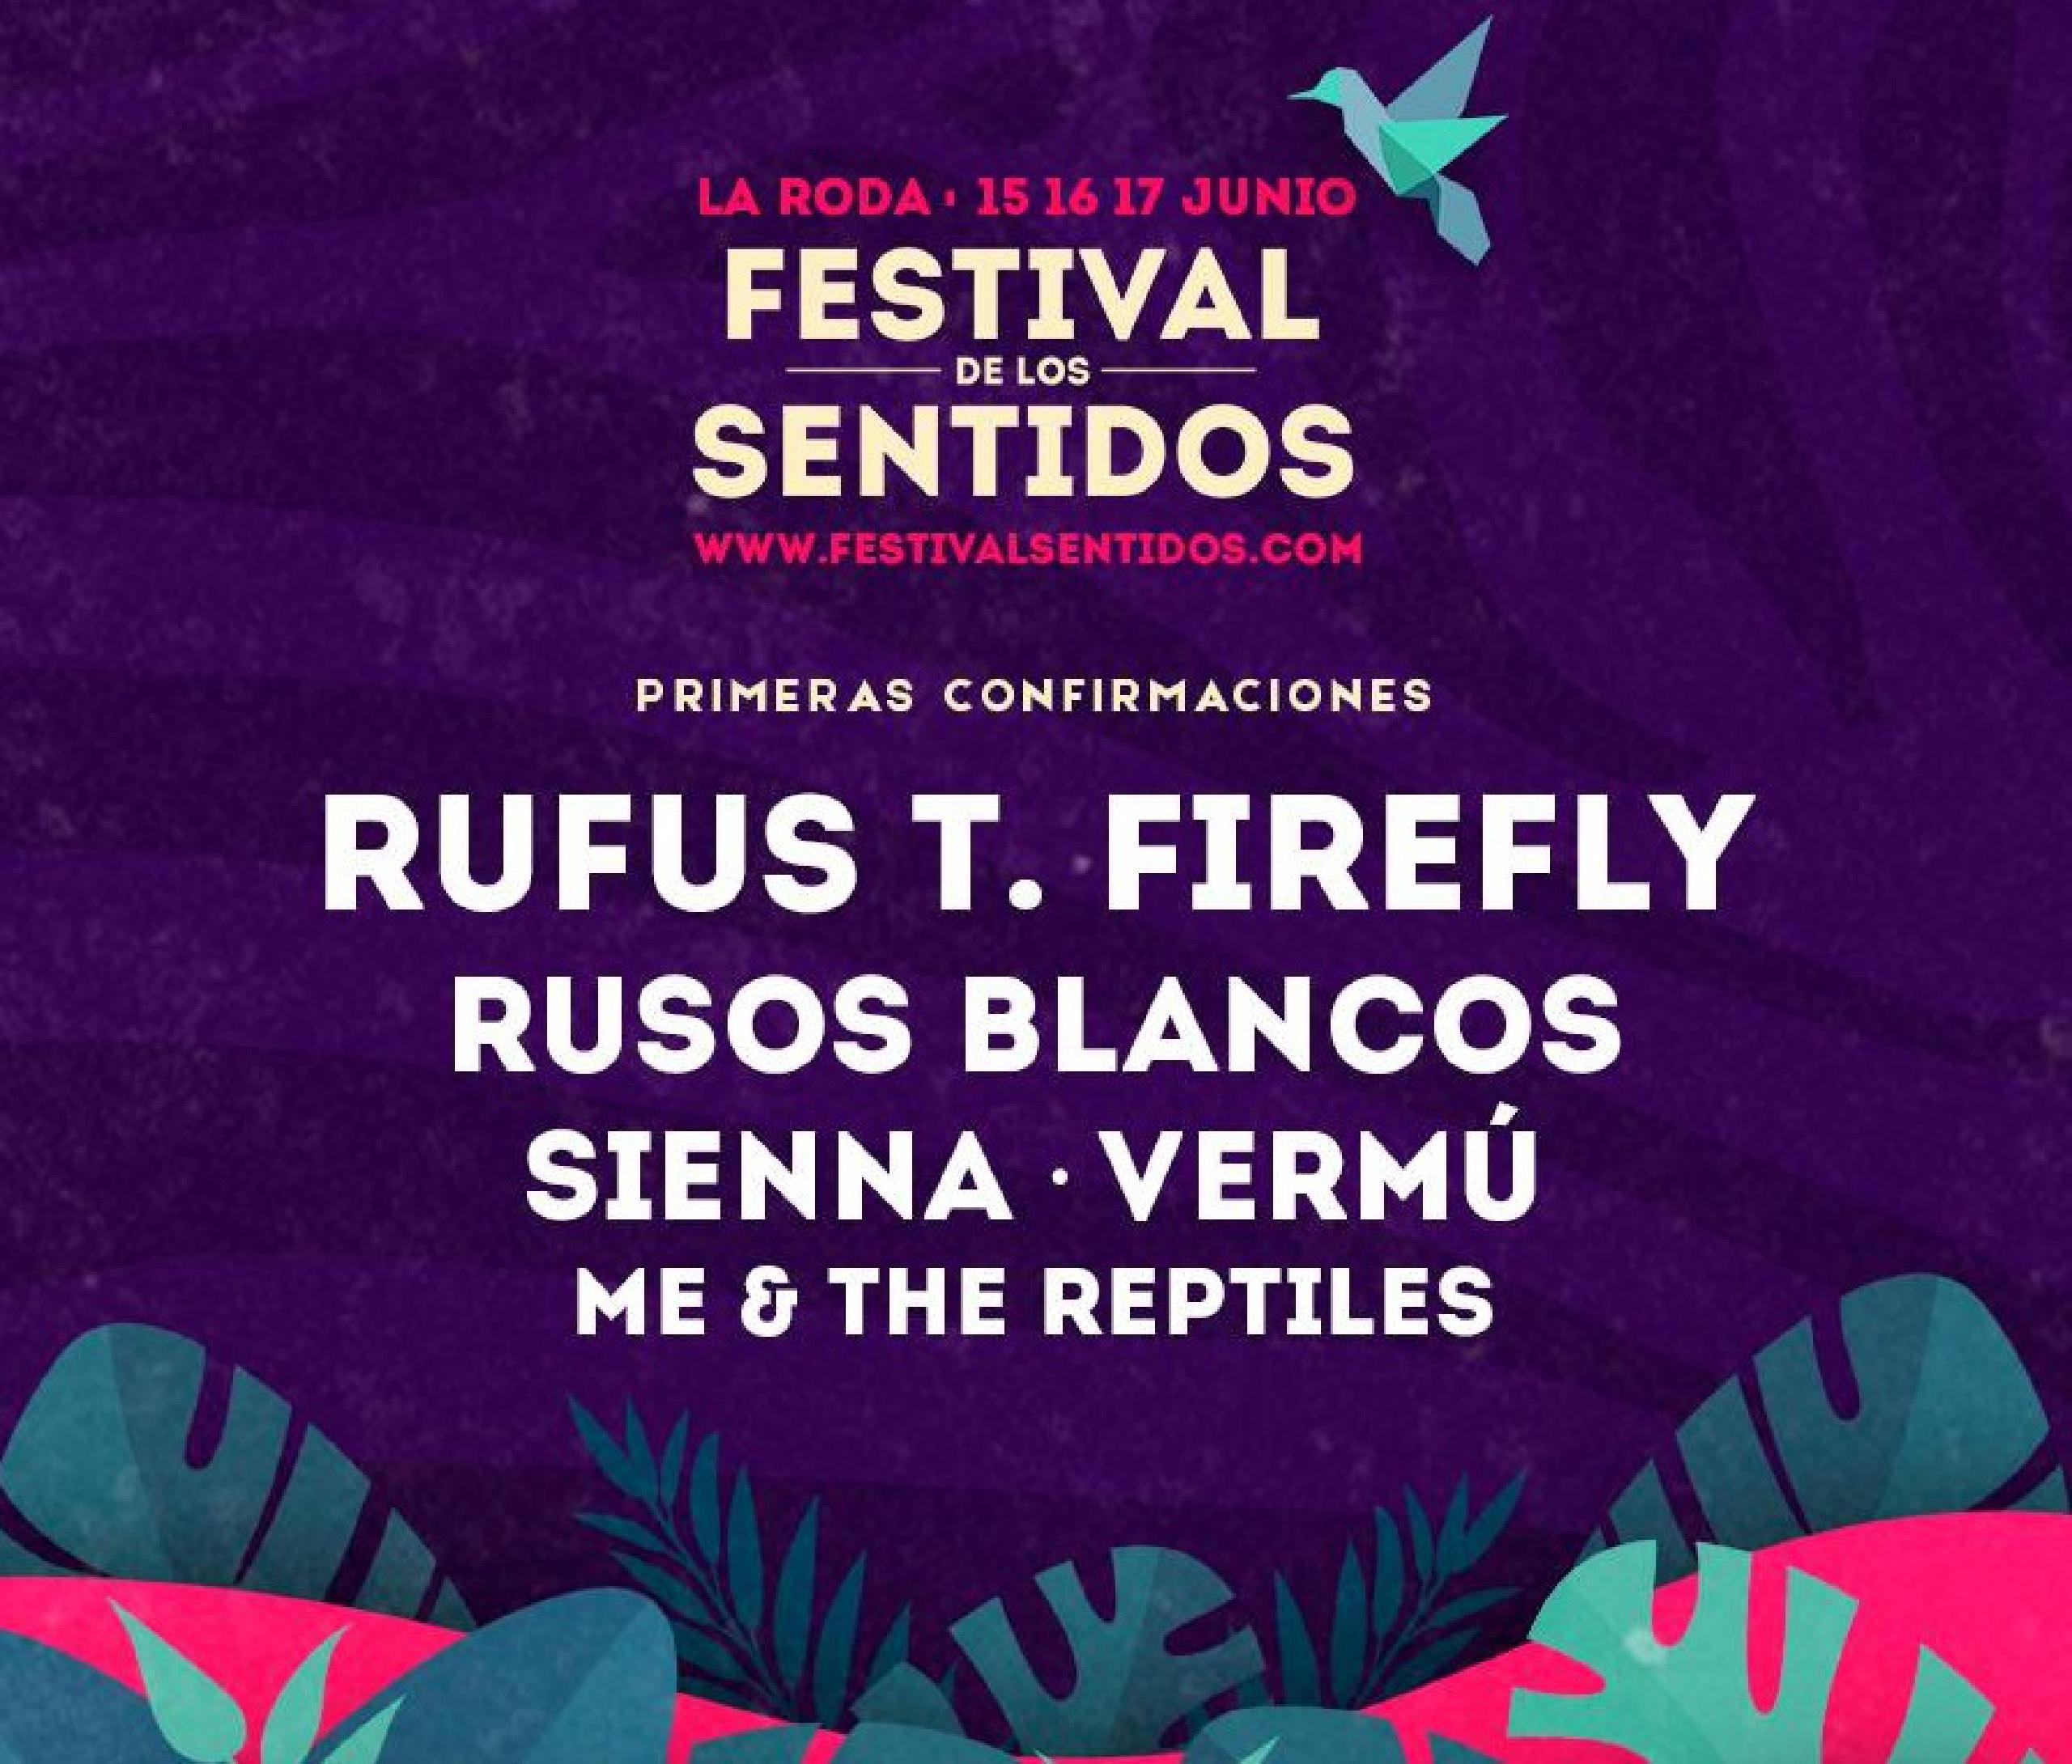 Cartel Primeras confirmaciones Festival de los Sentidos 2018